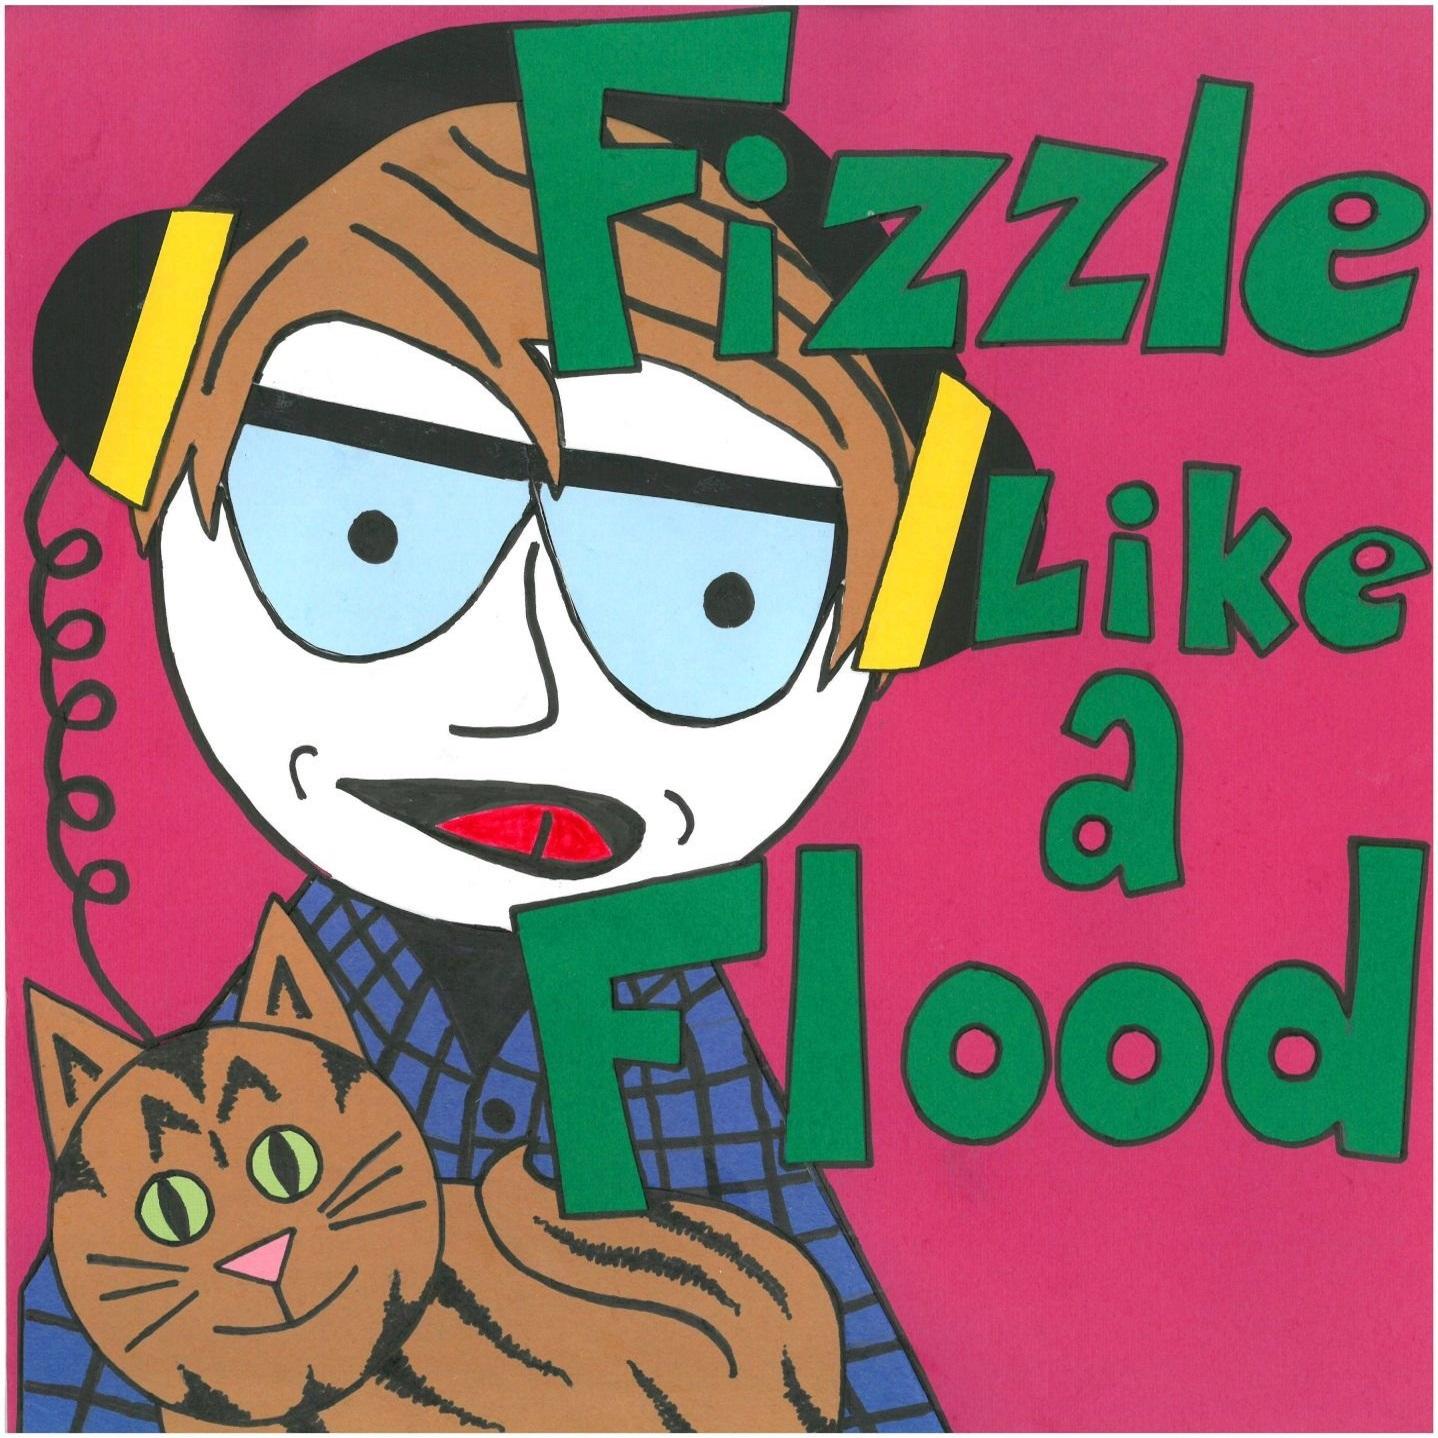 Fizzle Like a Flood show art